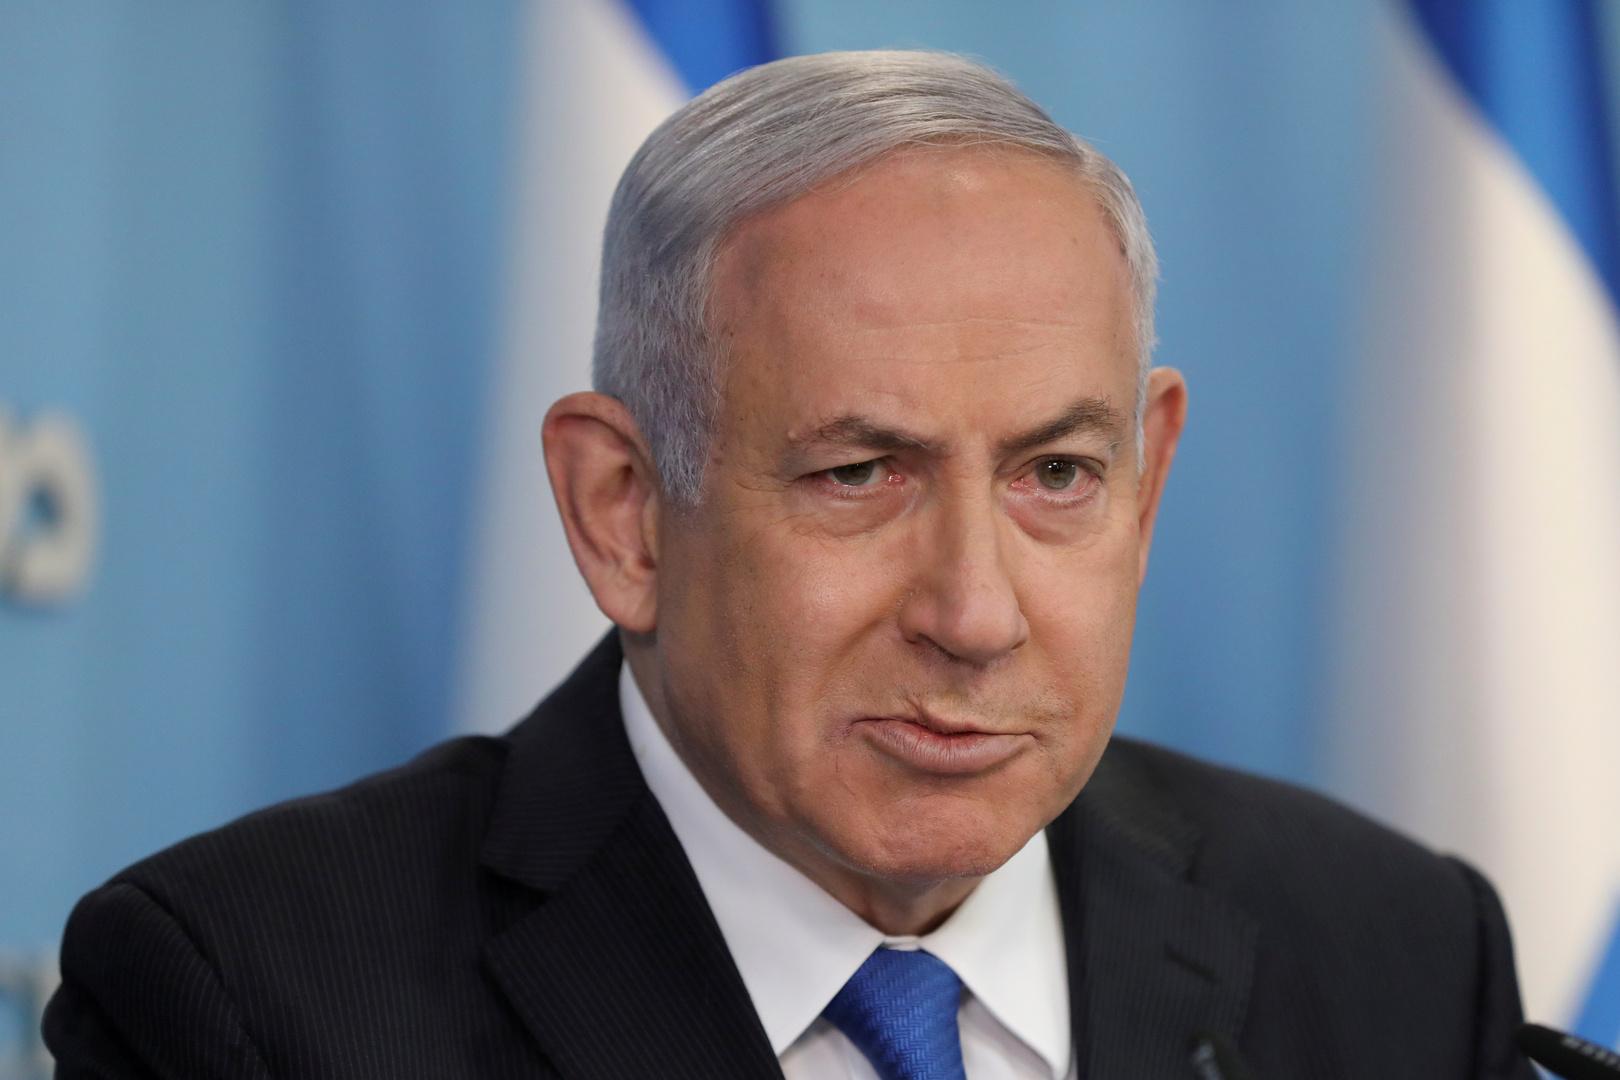 تقارير إعلامية: نتنياهو منع وزير خارجيته من السفر إلى الإمارات قبله